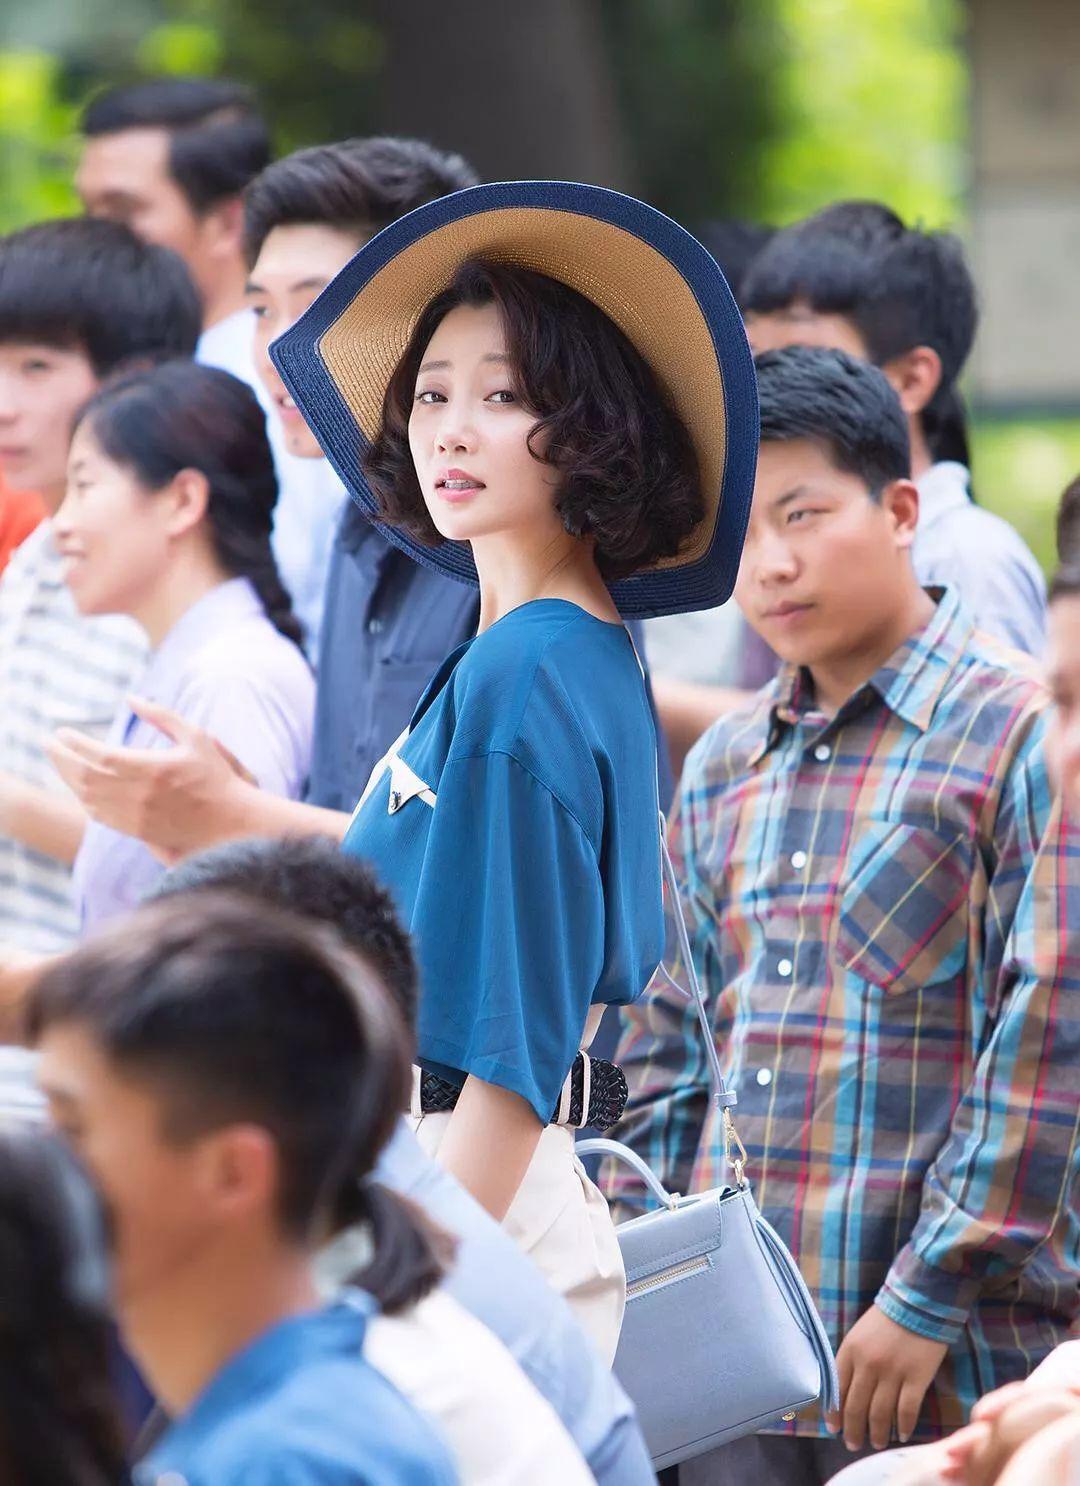 殷桃演的这位程度,最新女孩简直是中国版《麦瑟尔夫人儿童电视剧精致动画片图片